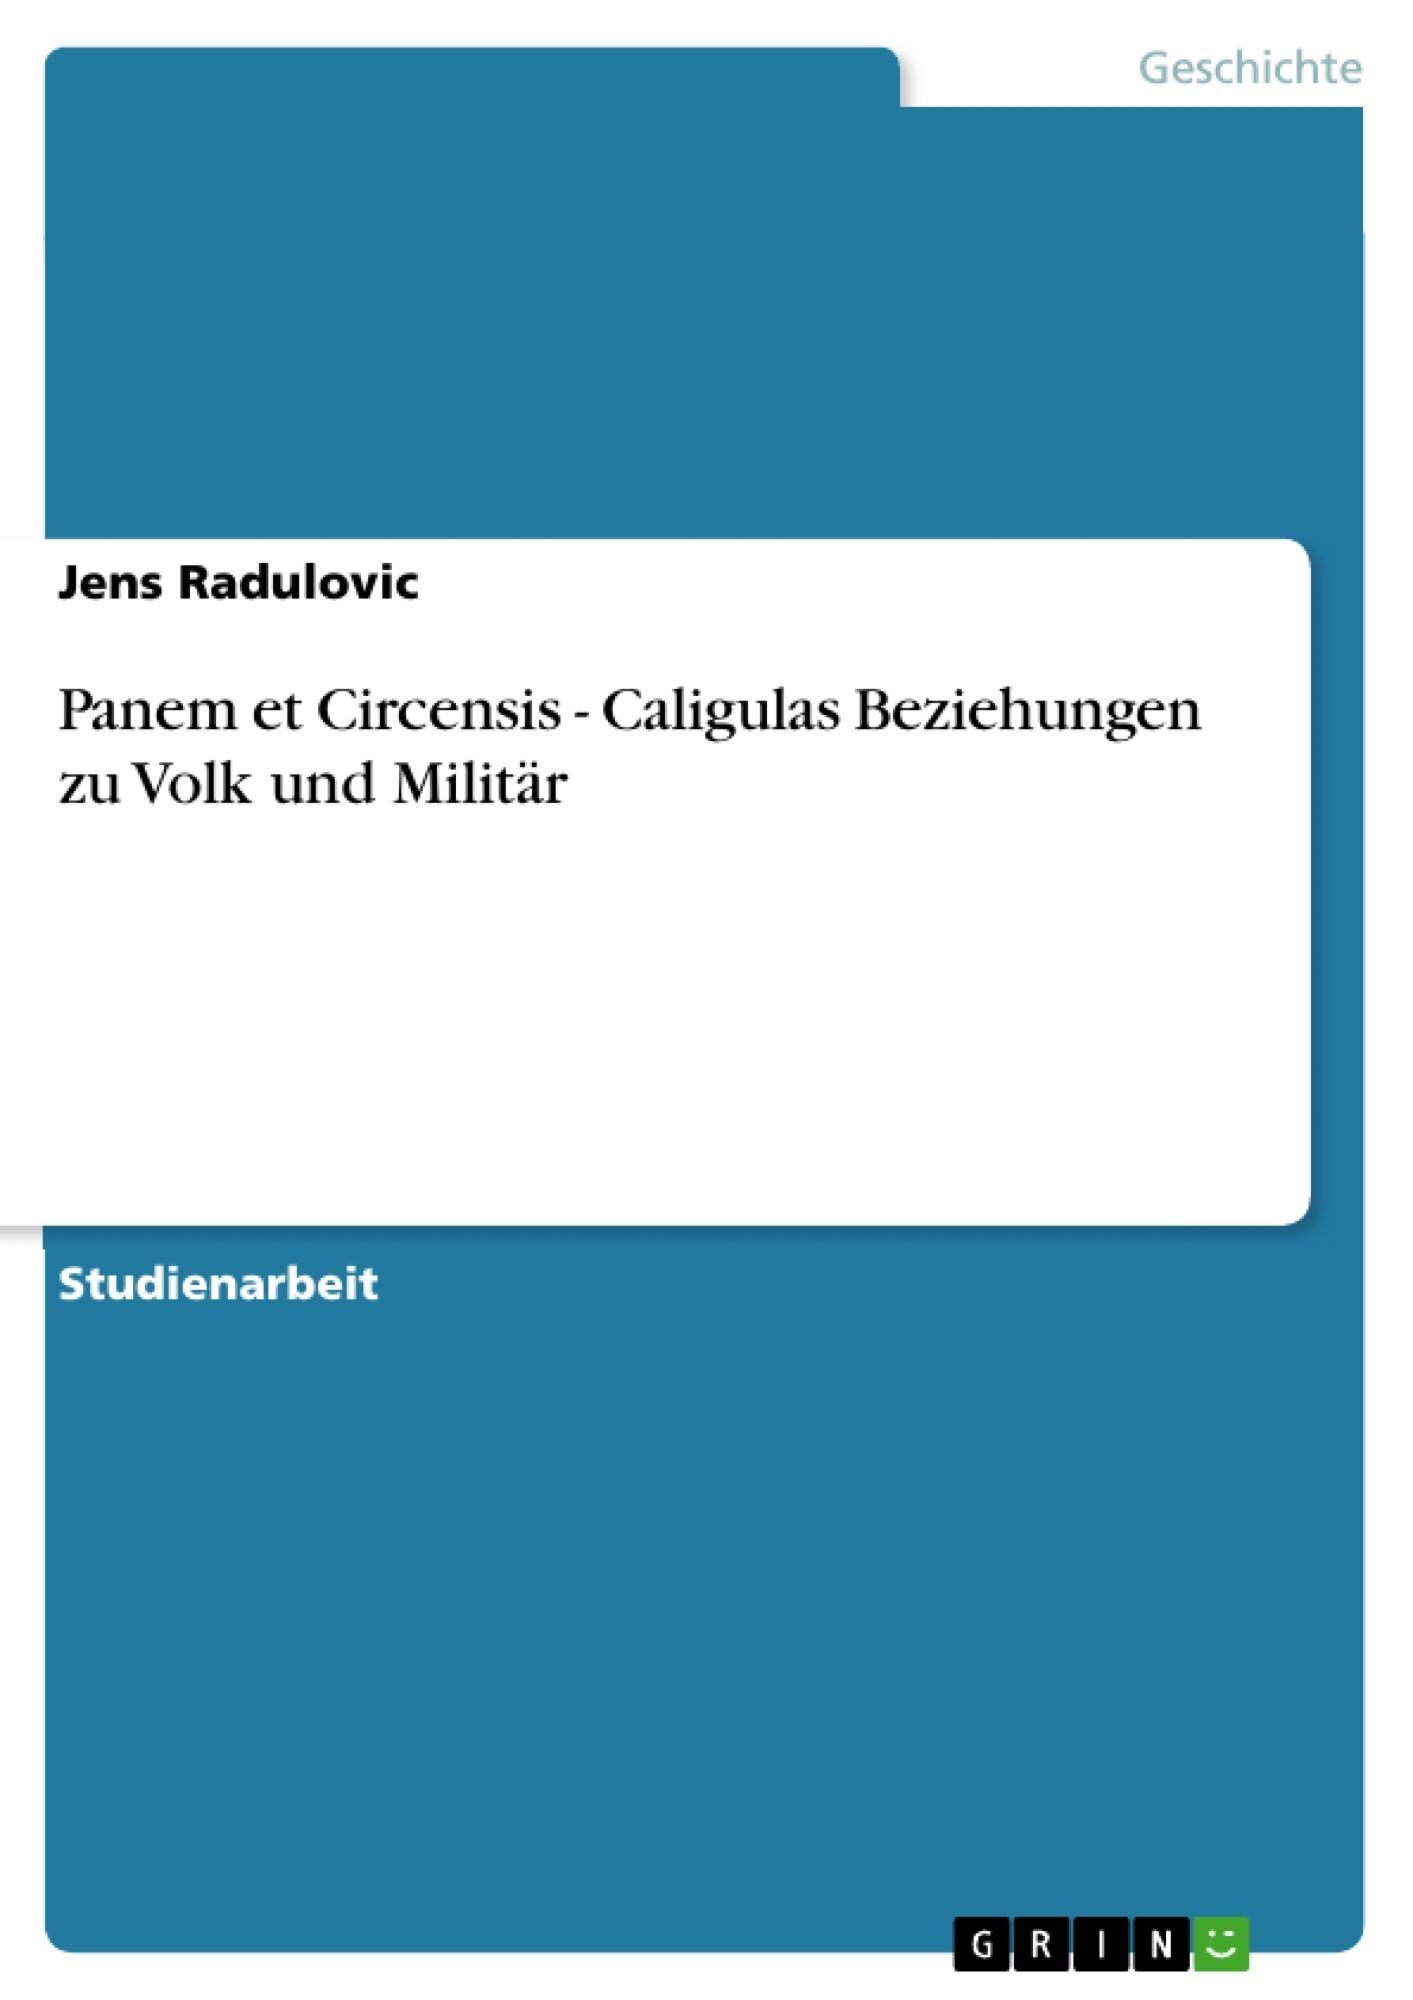 Titel: Panem et Circensis - Caligulas Beziehungen zu Volk und Militär